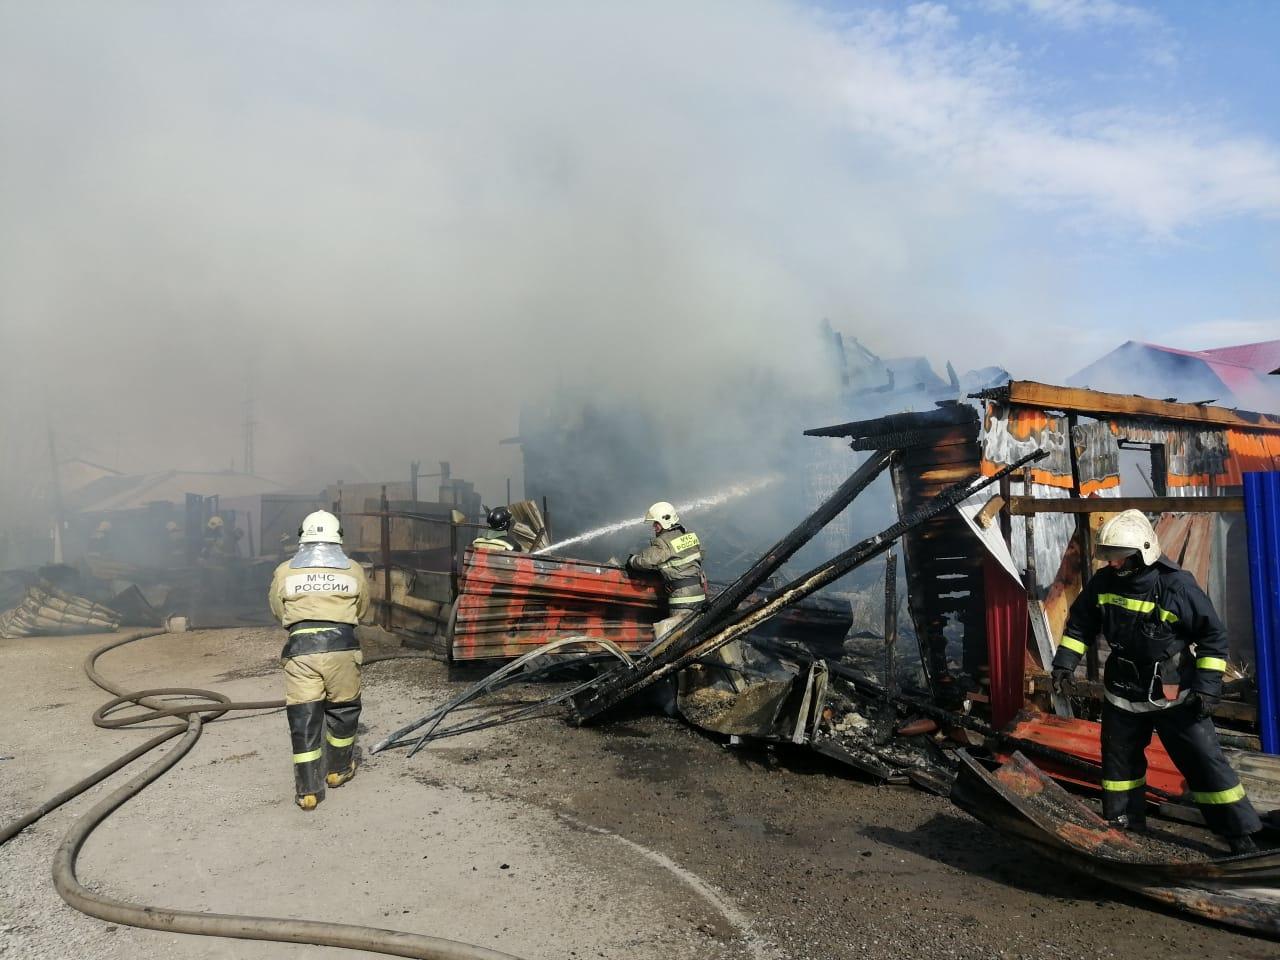 Омские пожарные тушат сразу 3 частных дома #Новости #Общество #Омск